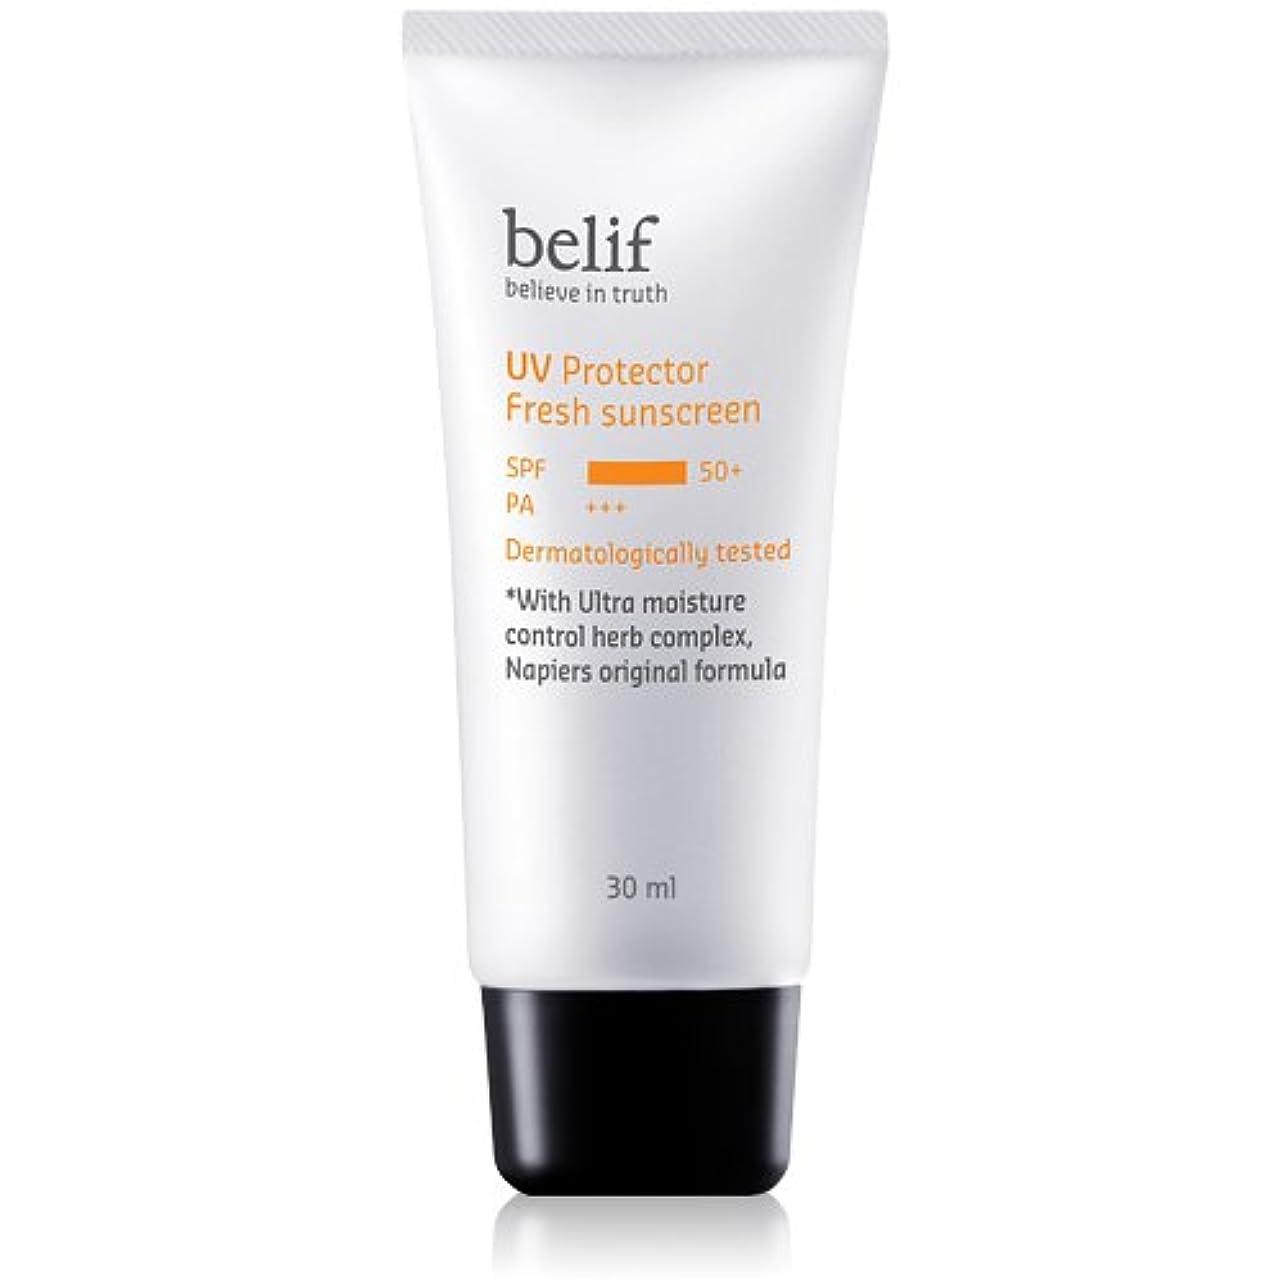 思い出すパターン注釈Belif(ビリーフ)UV Protector Fresh sunscreen 30ml/ビリーフUVプロテクターフレッシュサンスクリーン